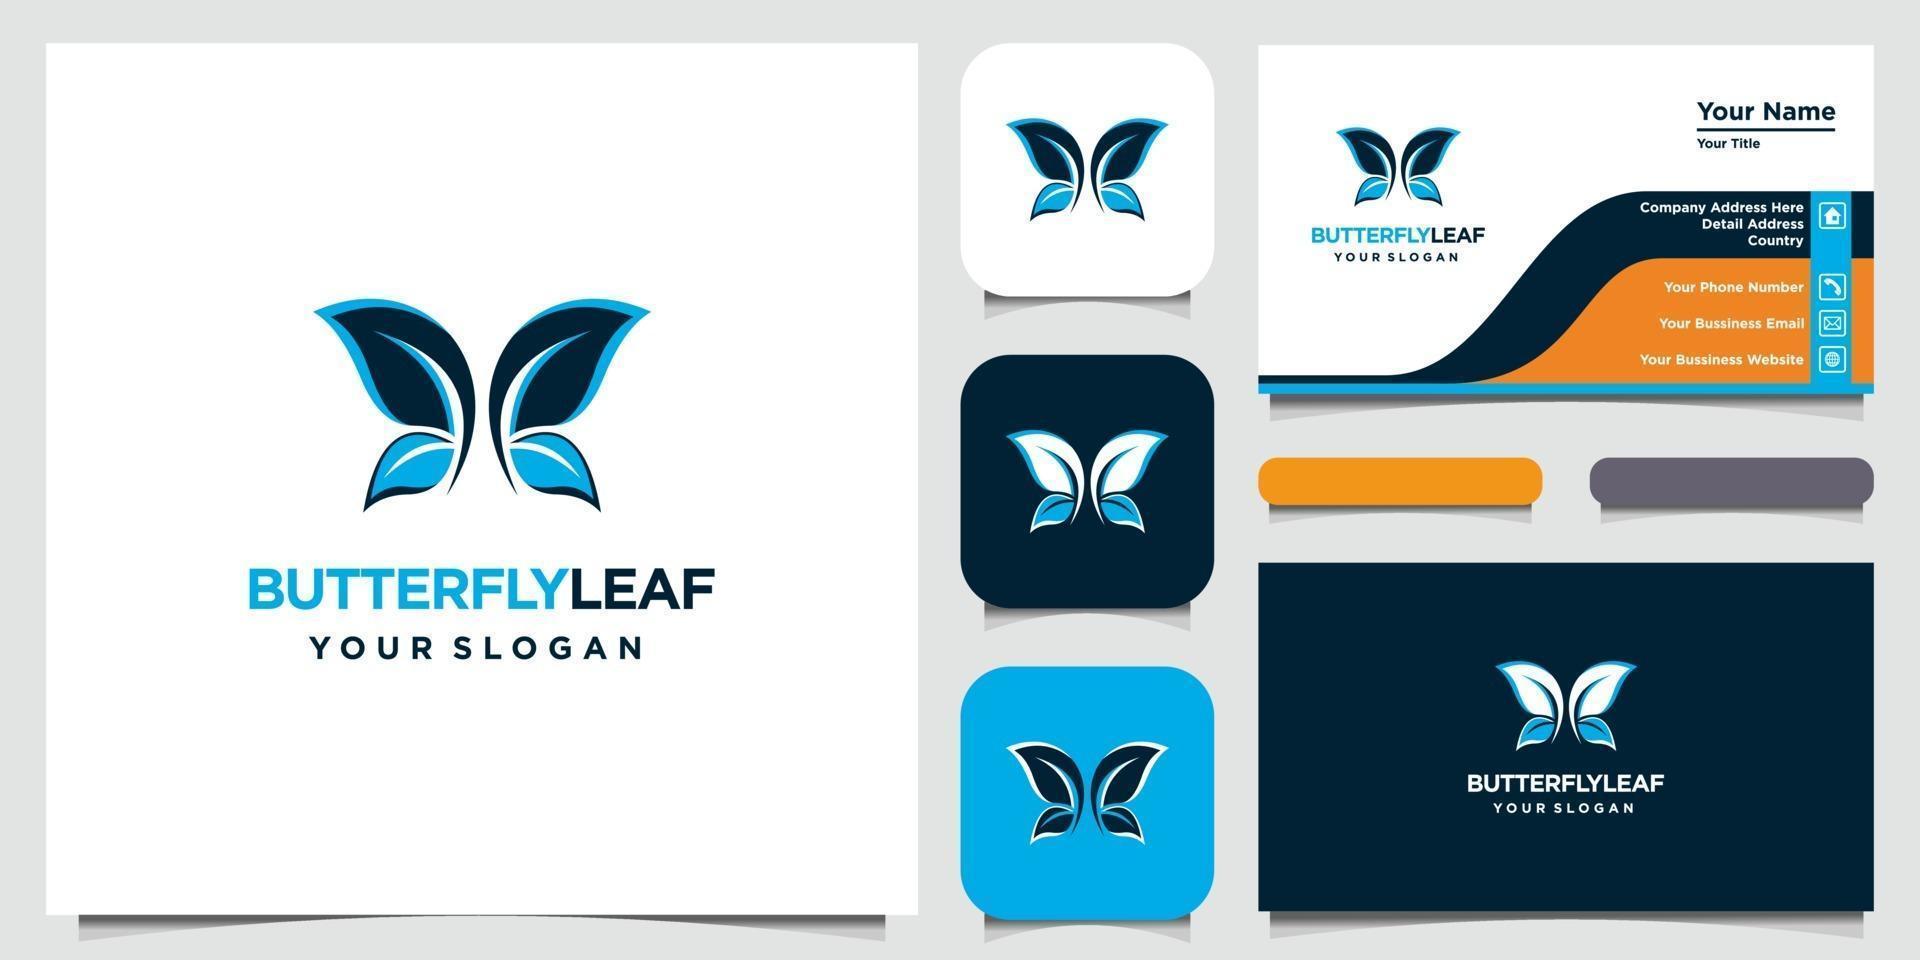 élégant logo papillon feuille et symbole avec style art et carte de visite vecteur